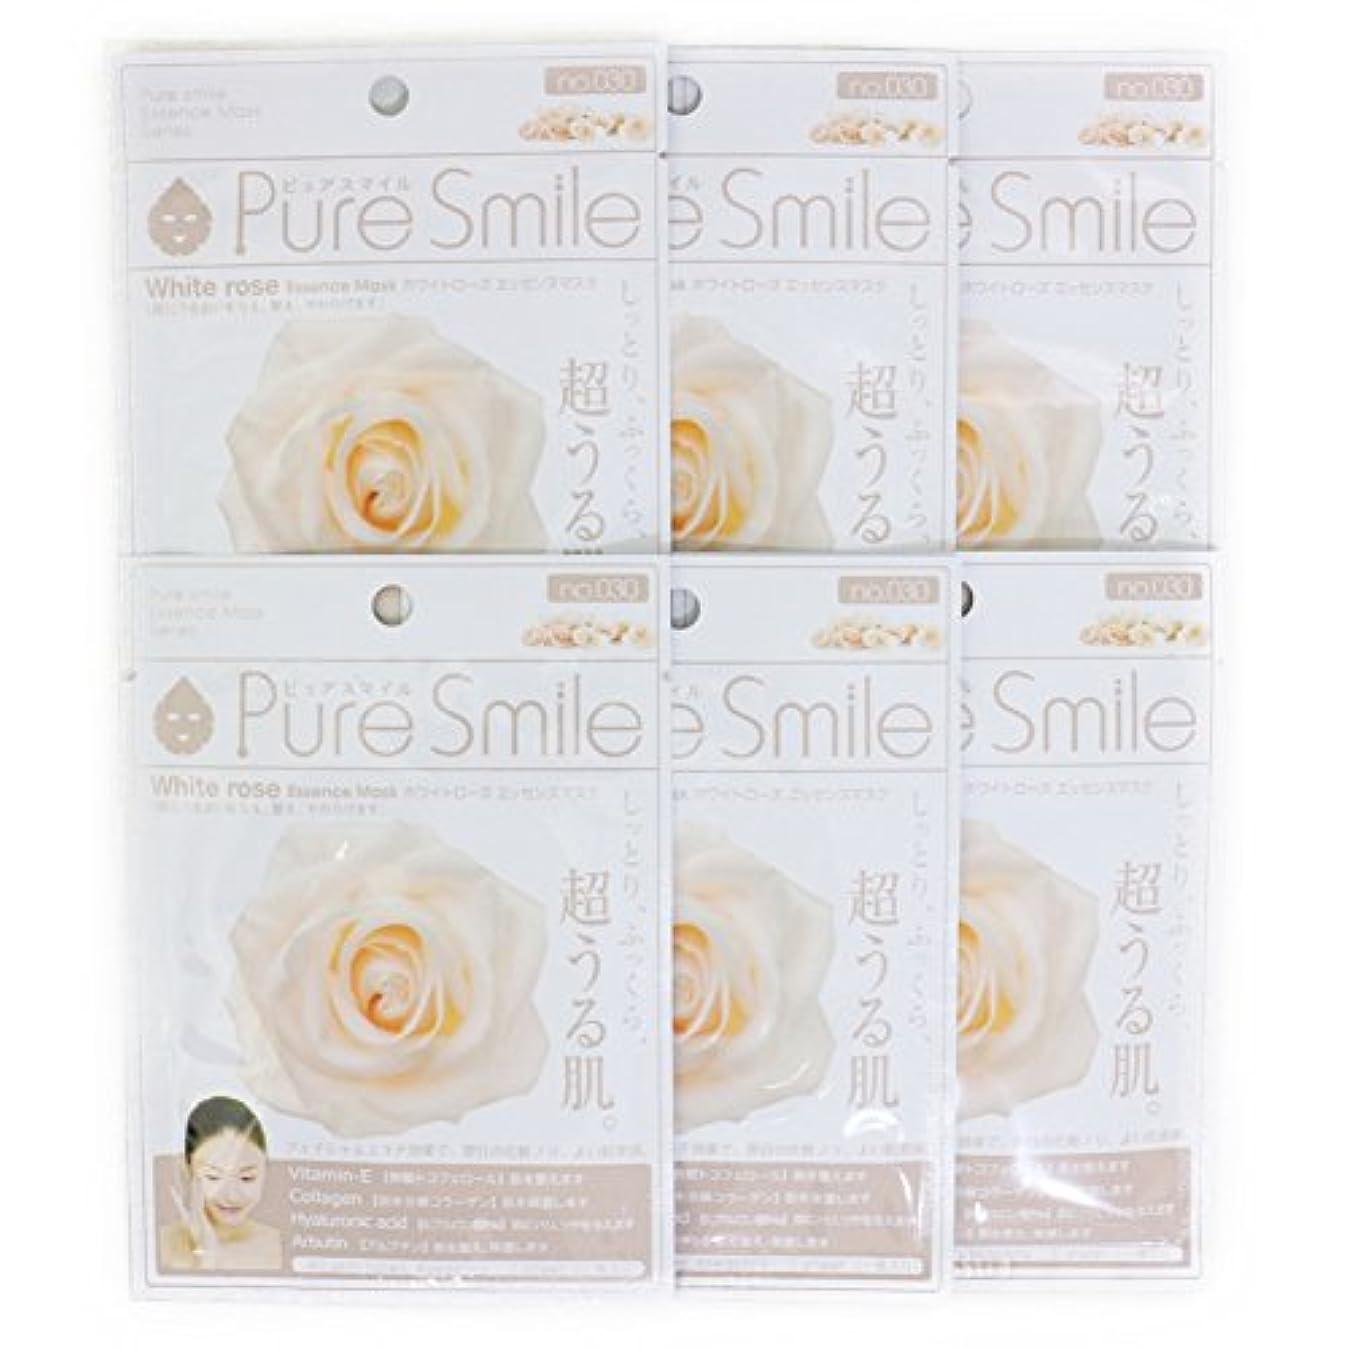 アドバイス手伝う悪党Pure Smile ピュアスマイル エッセンスマスク ホワイトローズ 6枚セット